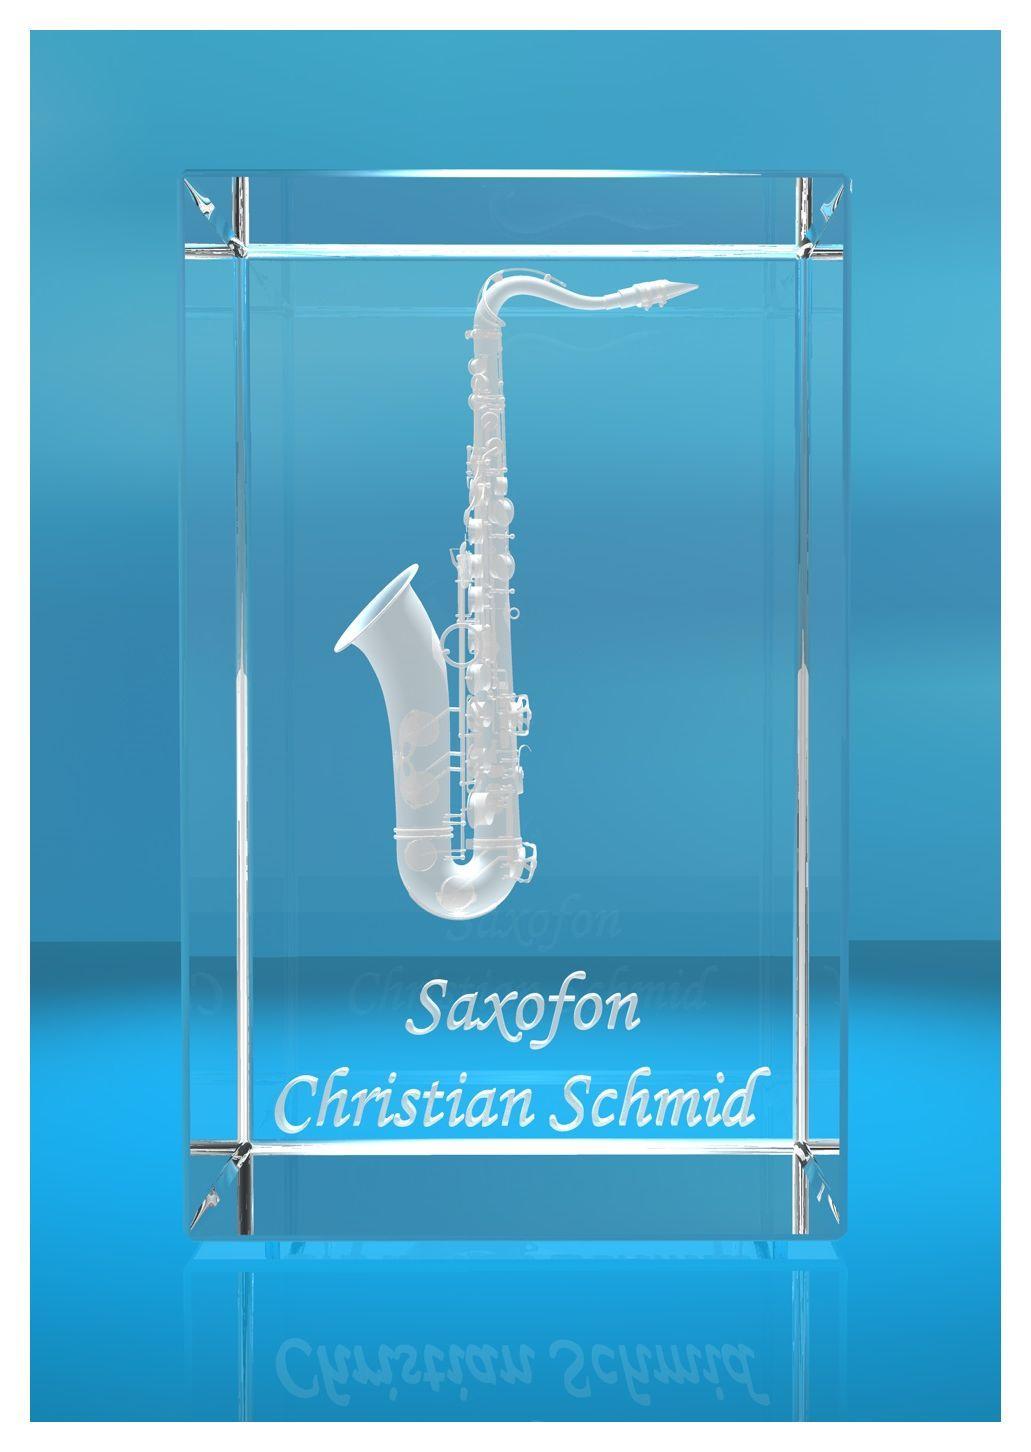 3D Glasquader |Saxofon mit Wunschnamen |Saxophon |Geschenk für Saxophonist Musiker Saxofonist